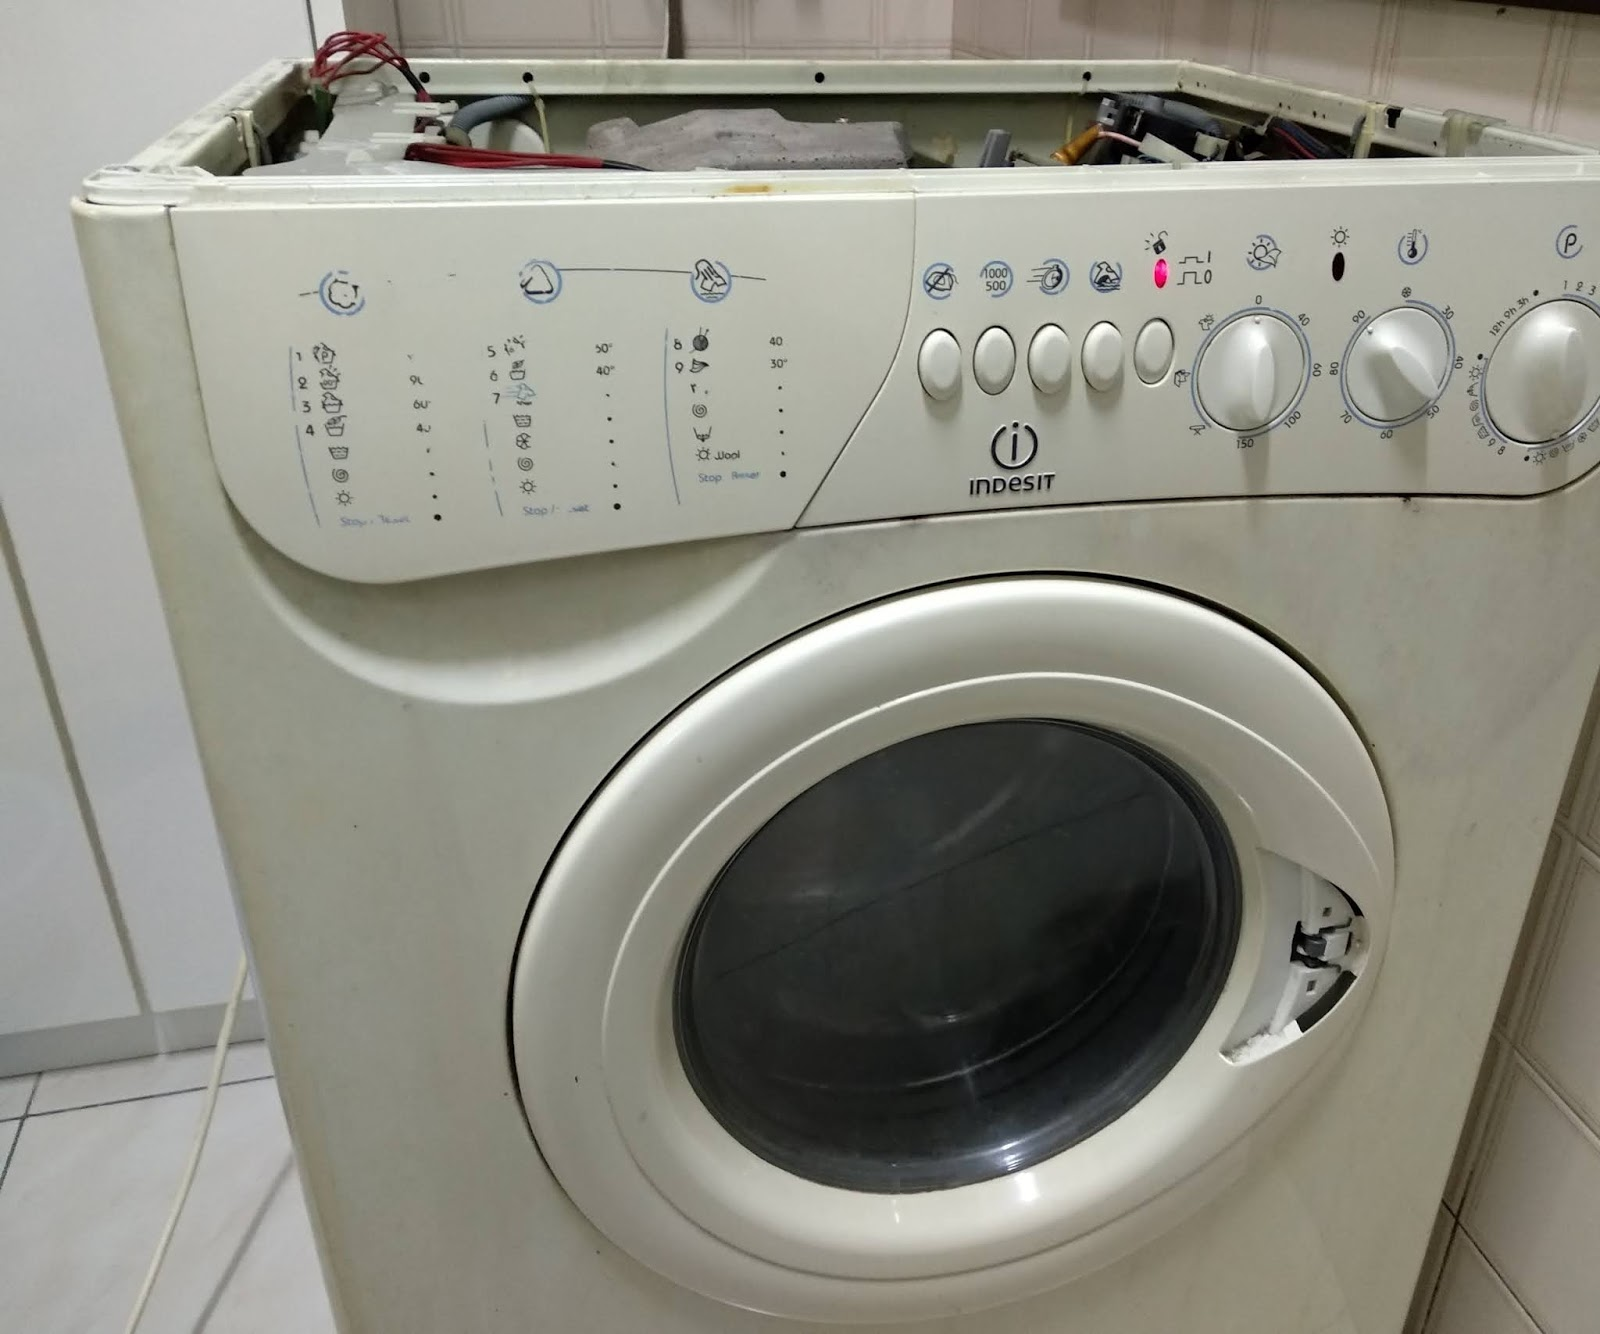 indesit-washing-machine-repair